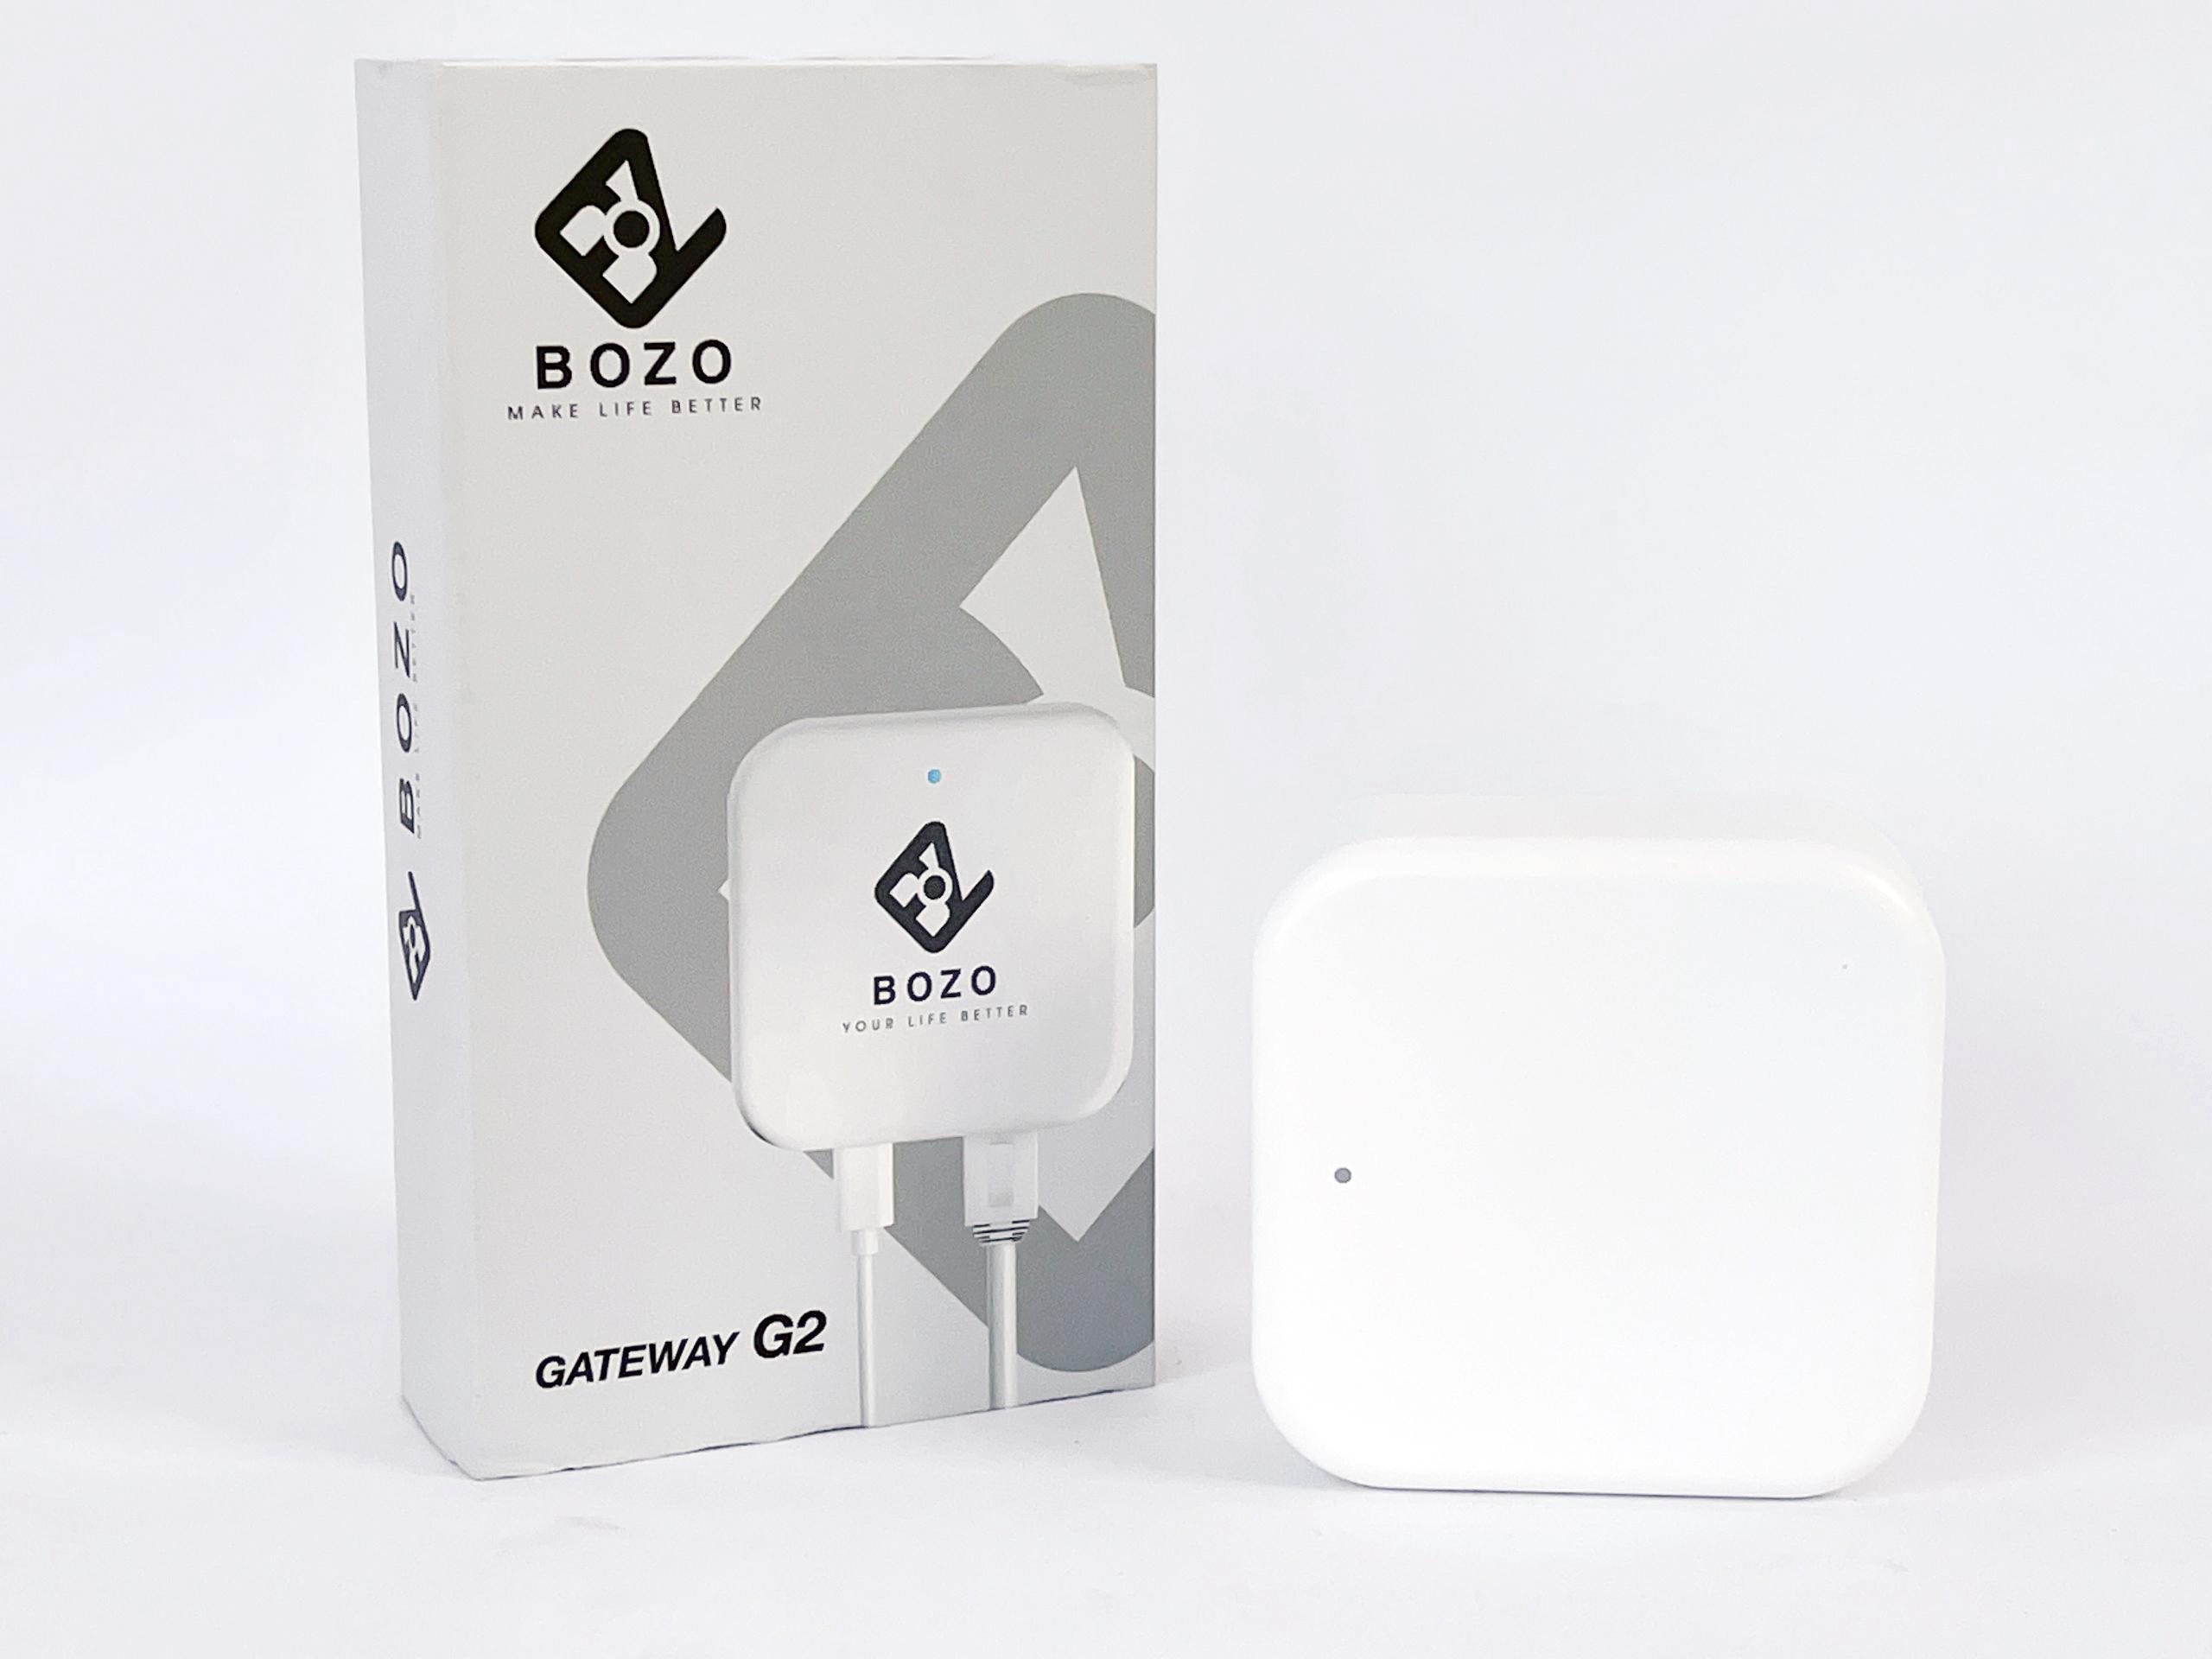 Gateway G2 cho khóa cửa thông minh dùng app BOZO